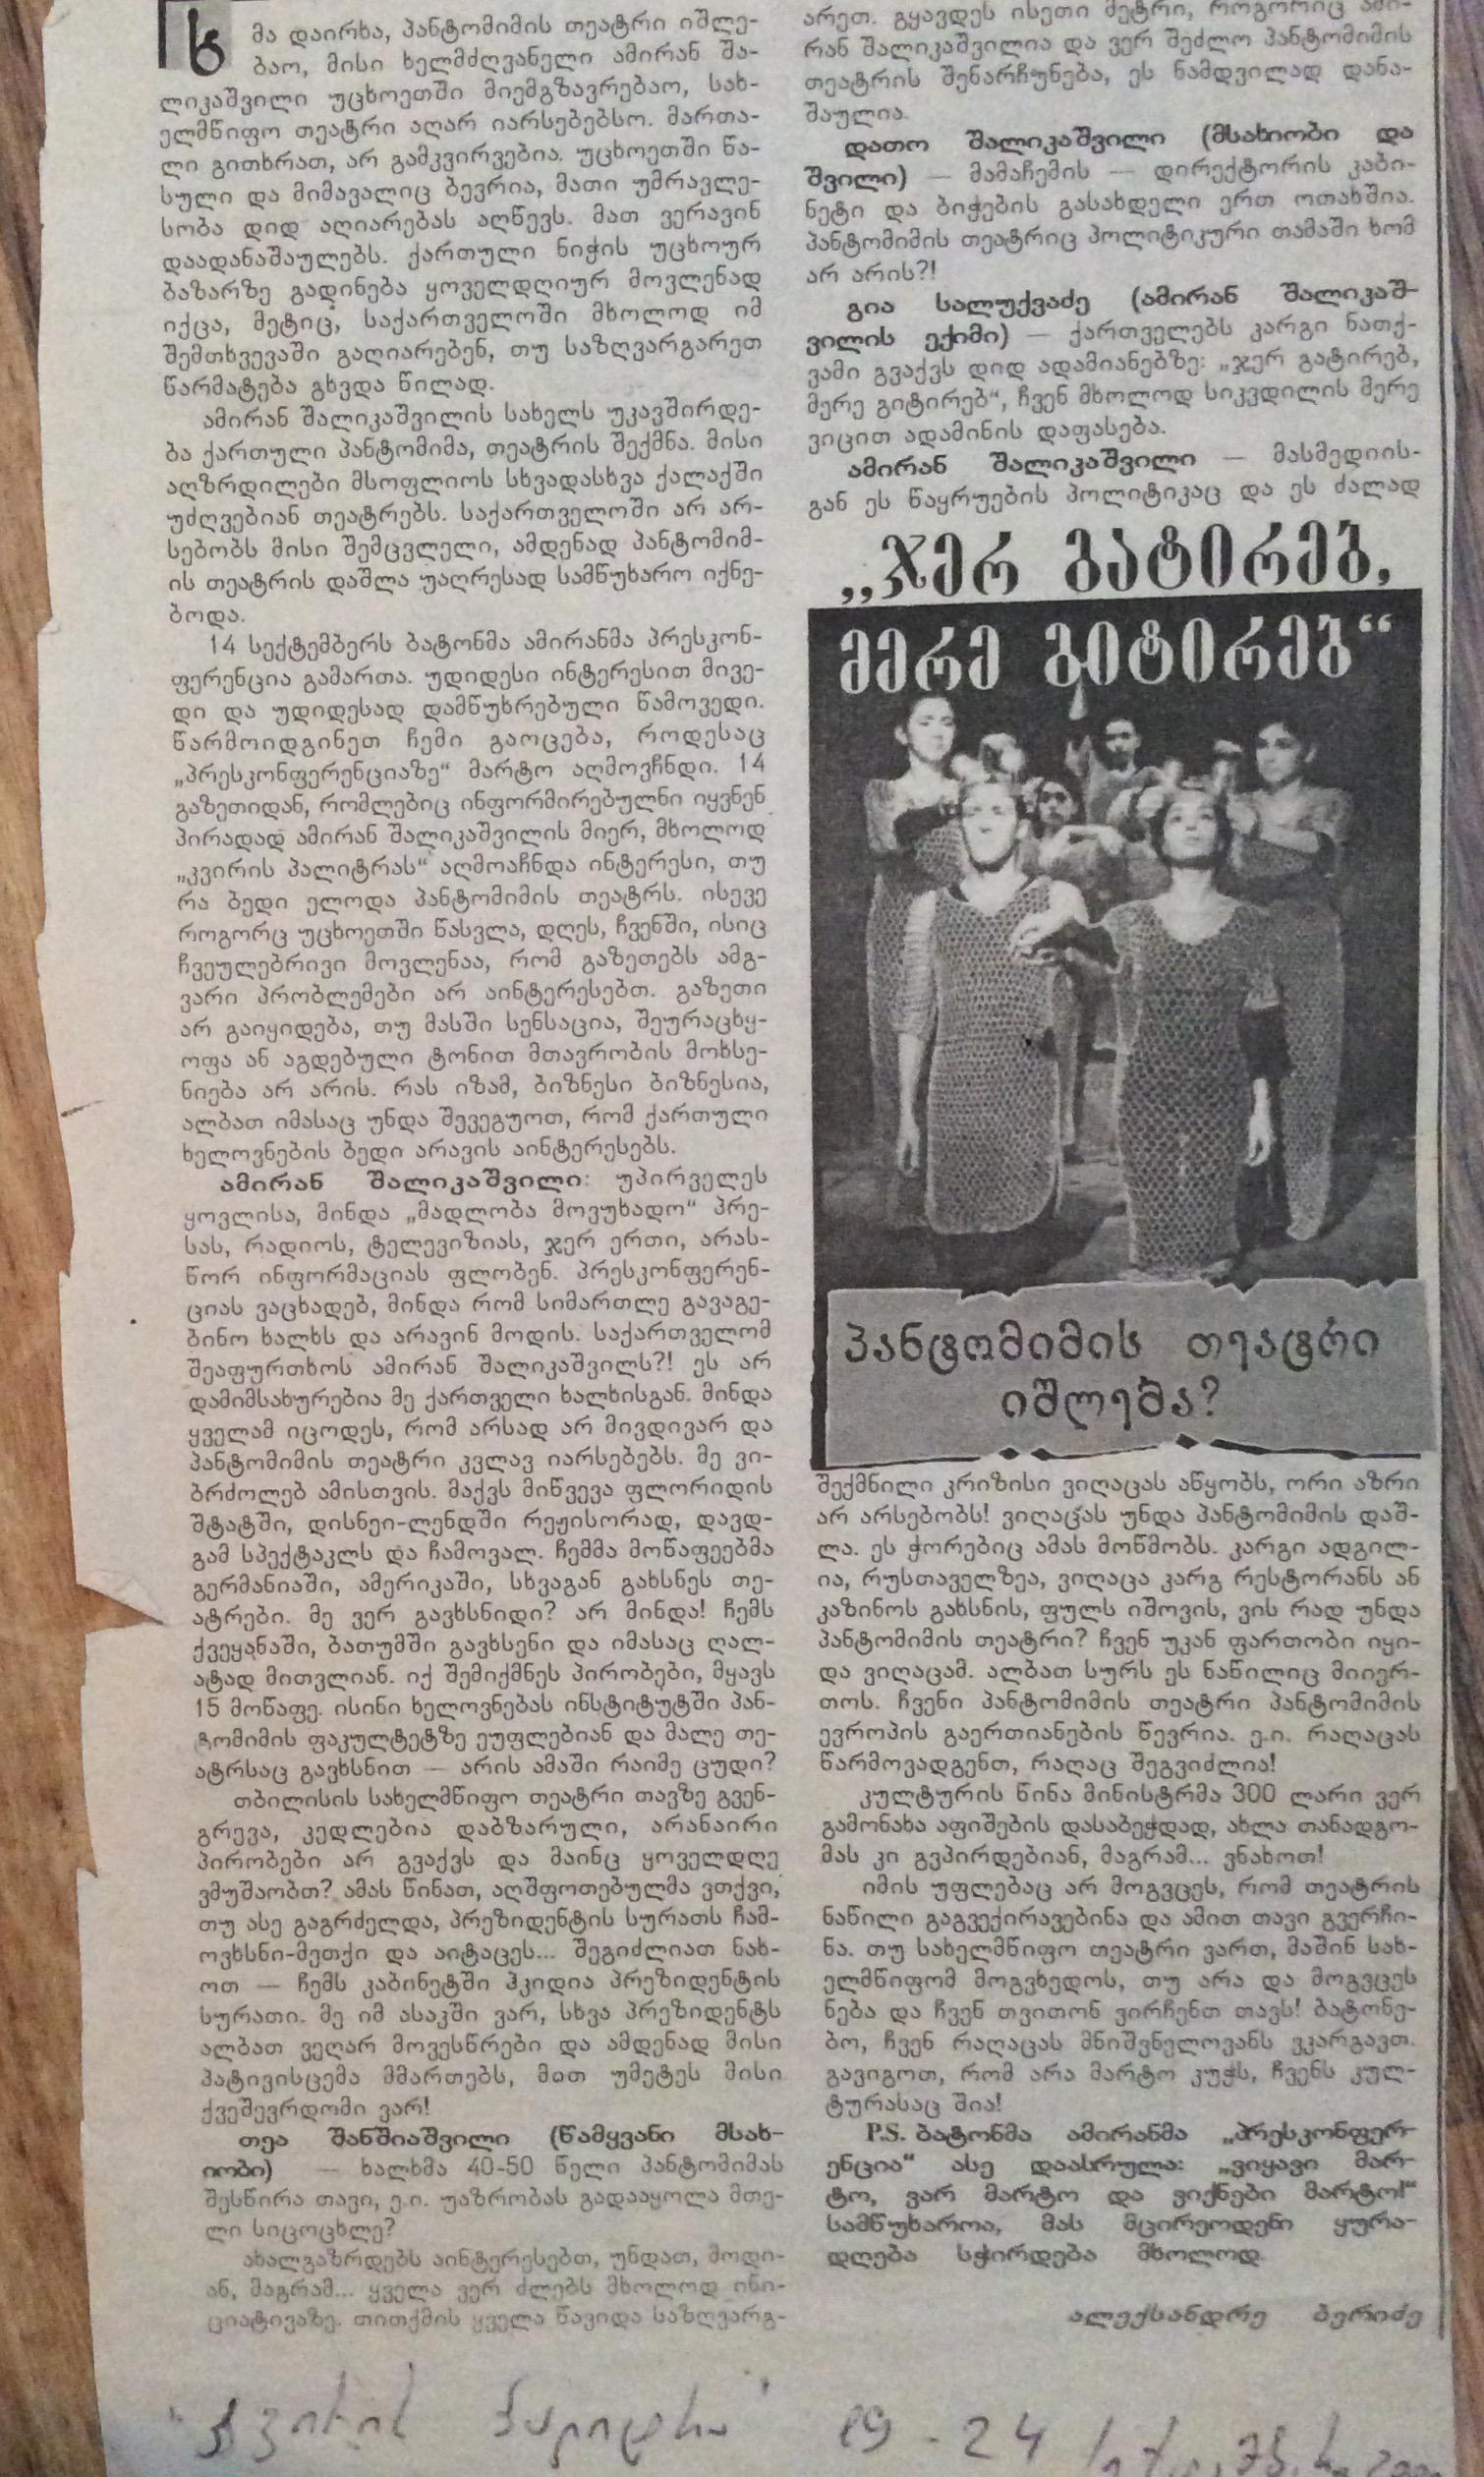 Kviris Palitra - Sept 19-21 , 2005